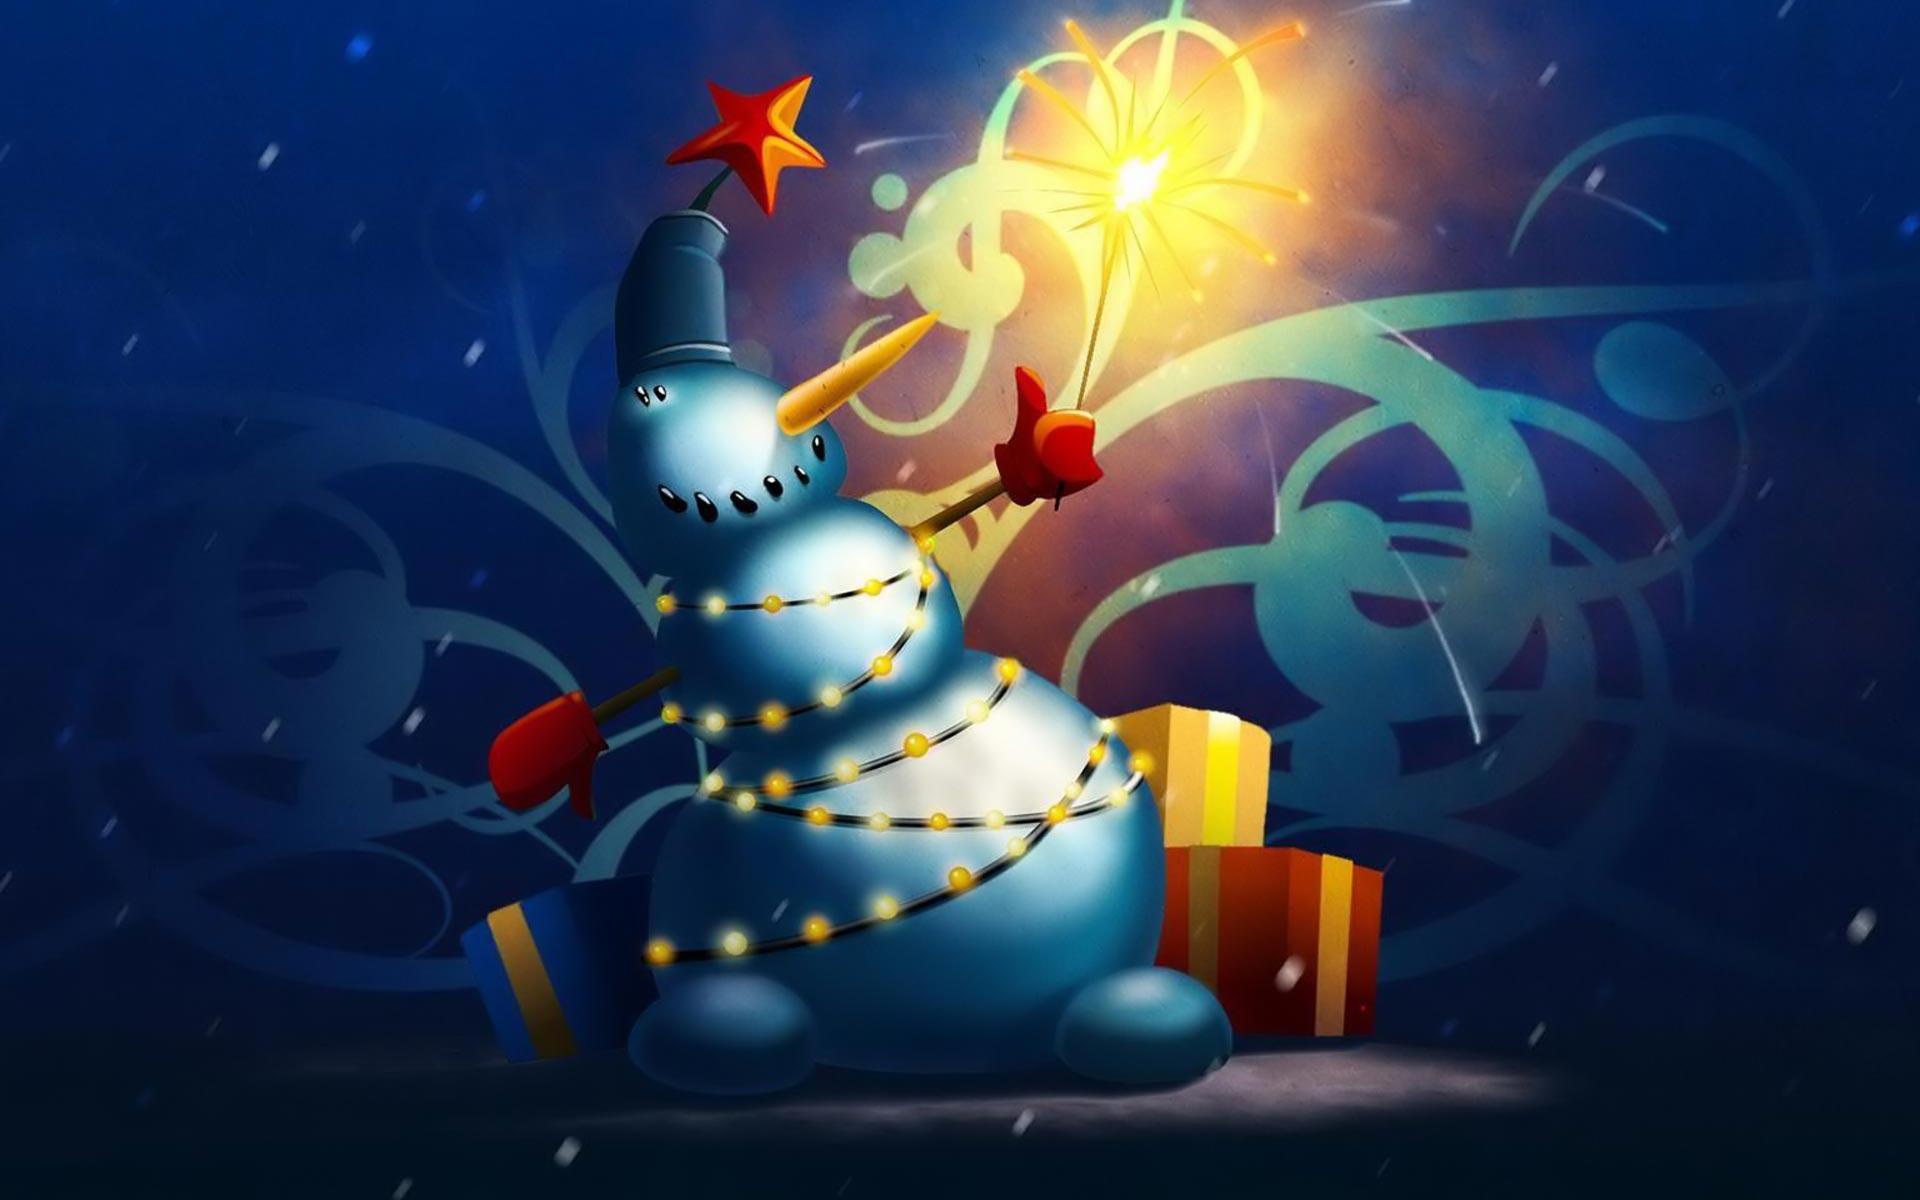 Cute Christmas Holiday Snowman computer desktop wallpaper 1920x1200